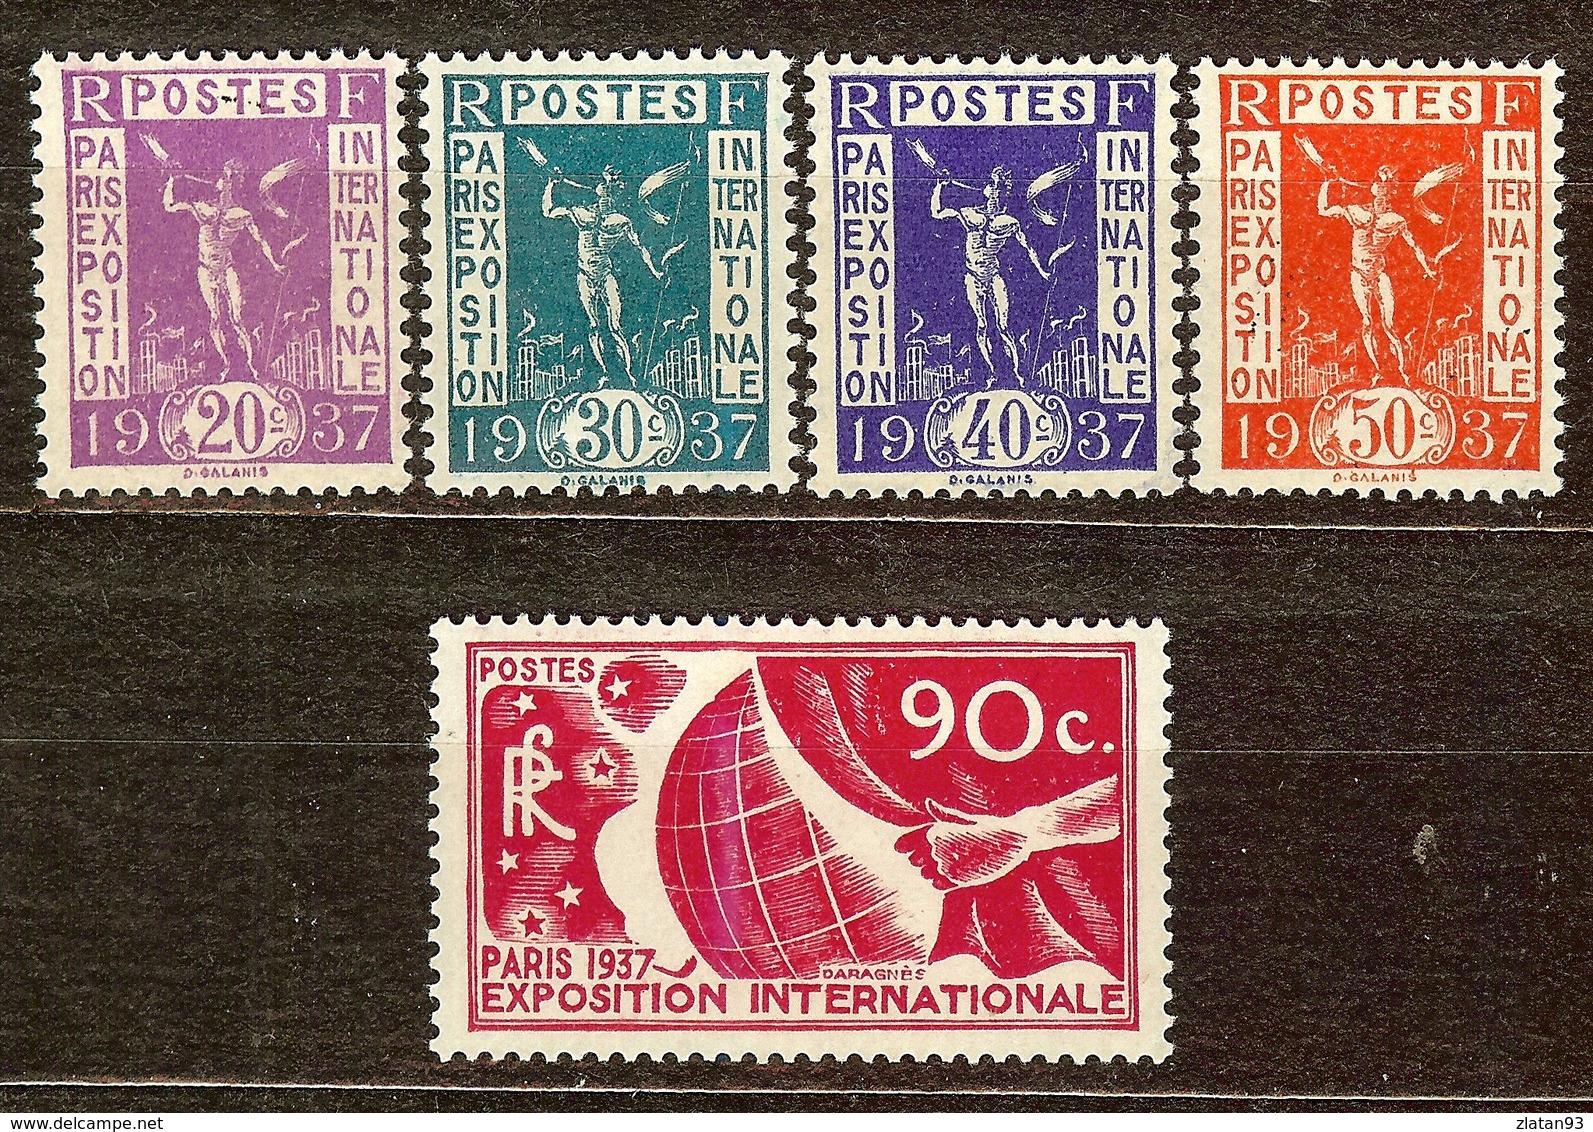 TIMBRE EXPO INTERNATIONALE PARIS 1937 YT N°322 à 326 NEUF Avec GOMME** / * - France